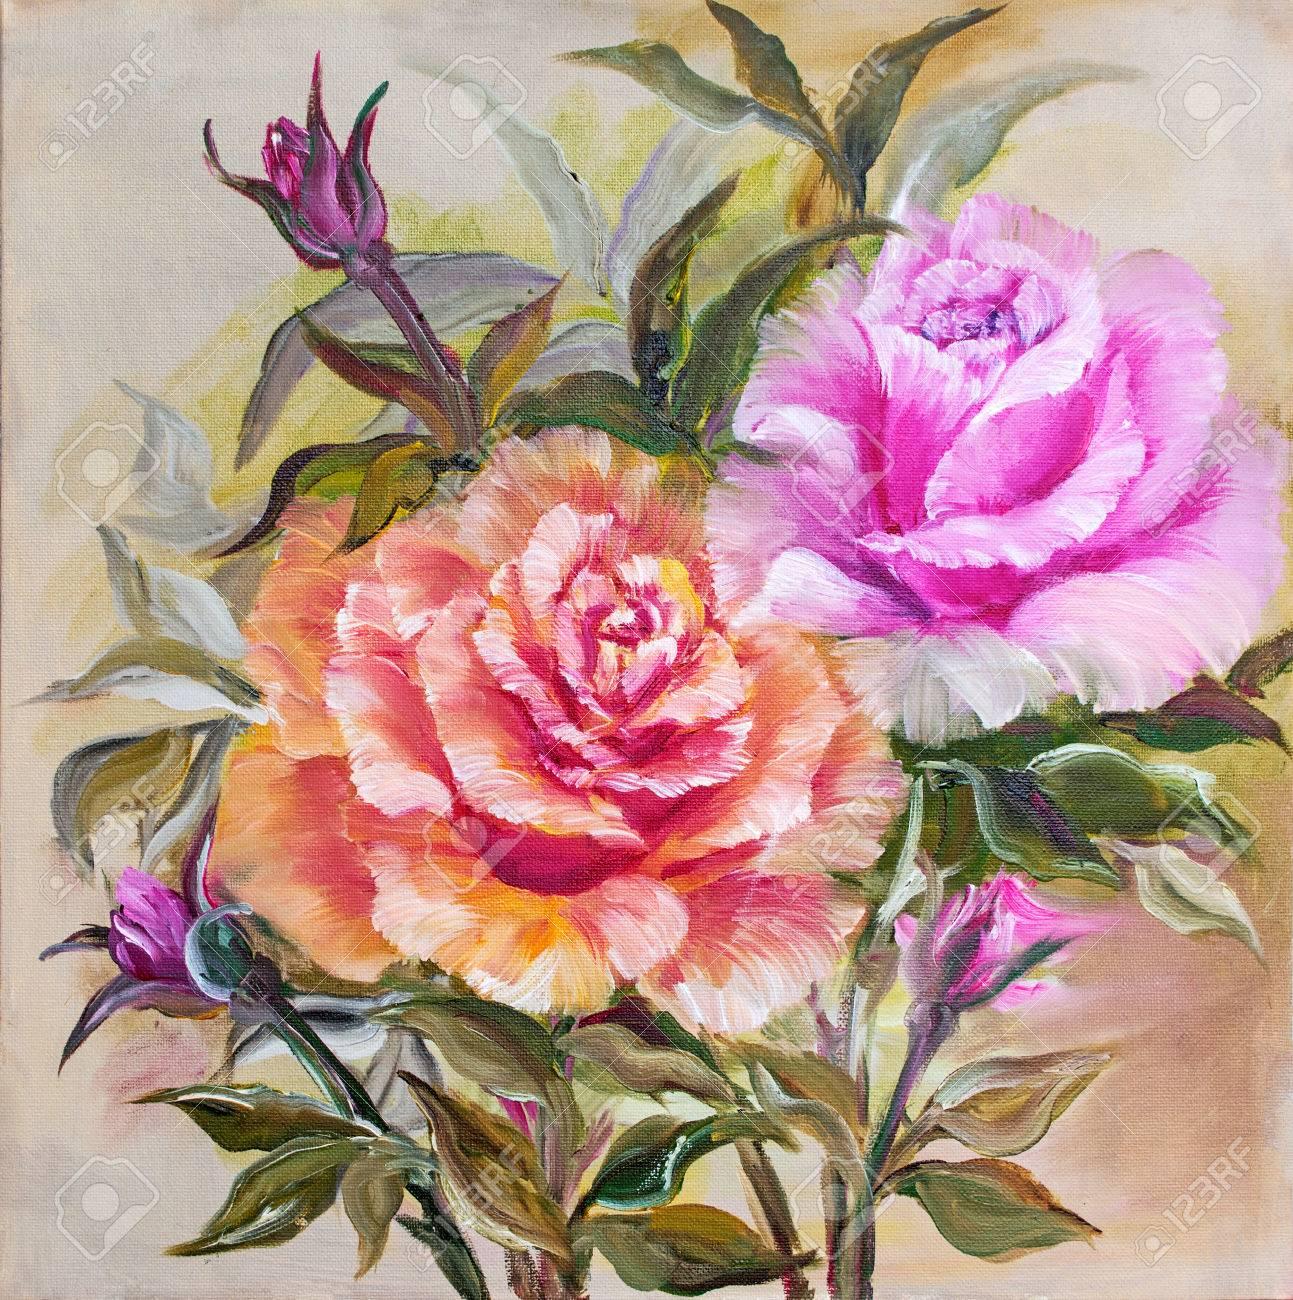 Vinage Rose Et Roses Jaunes Peinture A L Huile Sur Toile Banque D